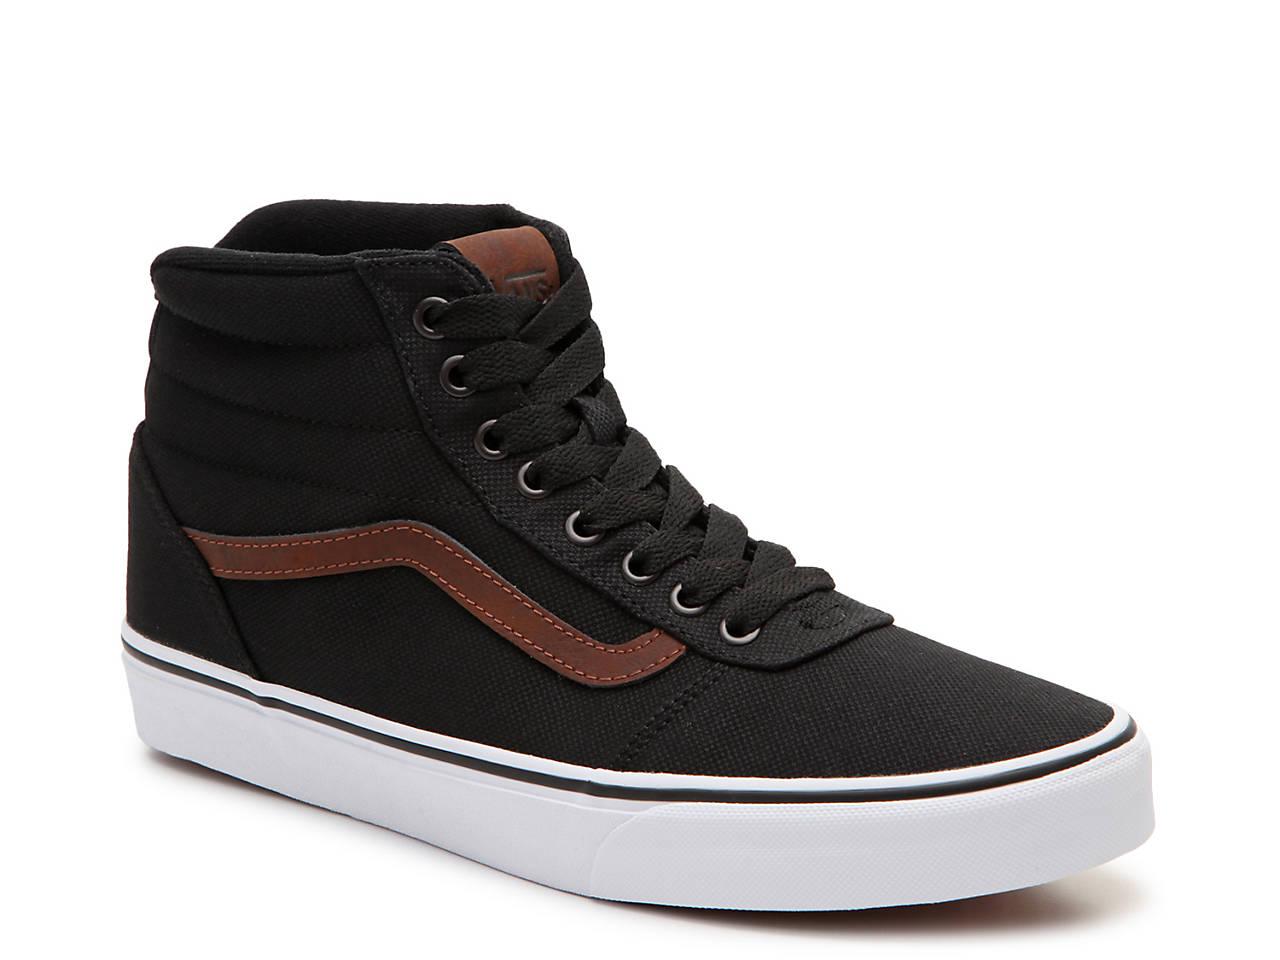 b216da8f08e42 Vans Ward Hi Canvas High-Top Sneaker - Men s Men s Shoes